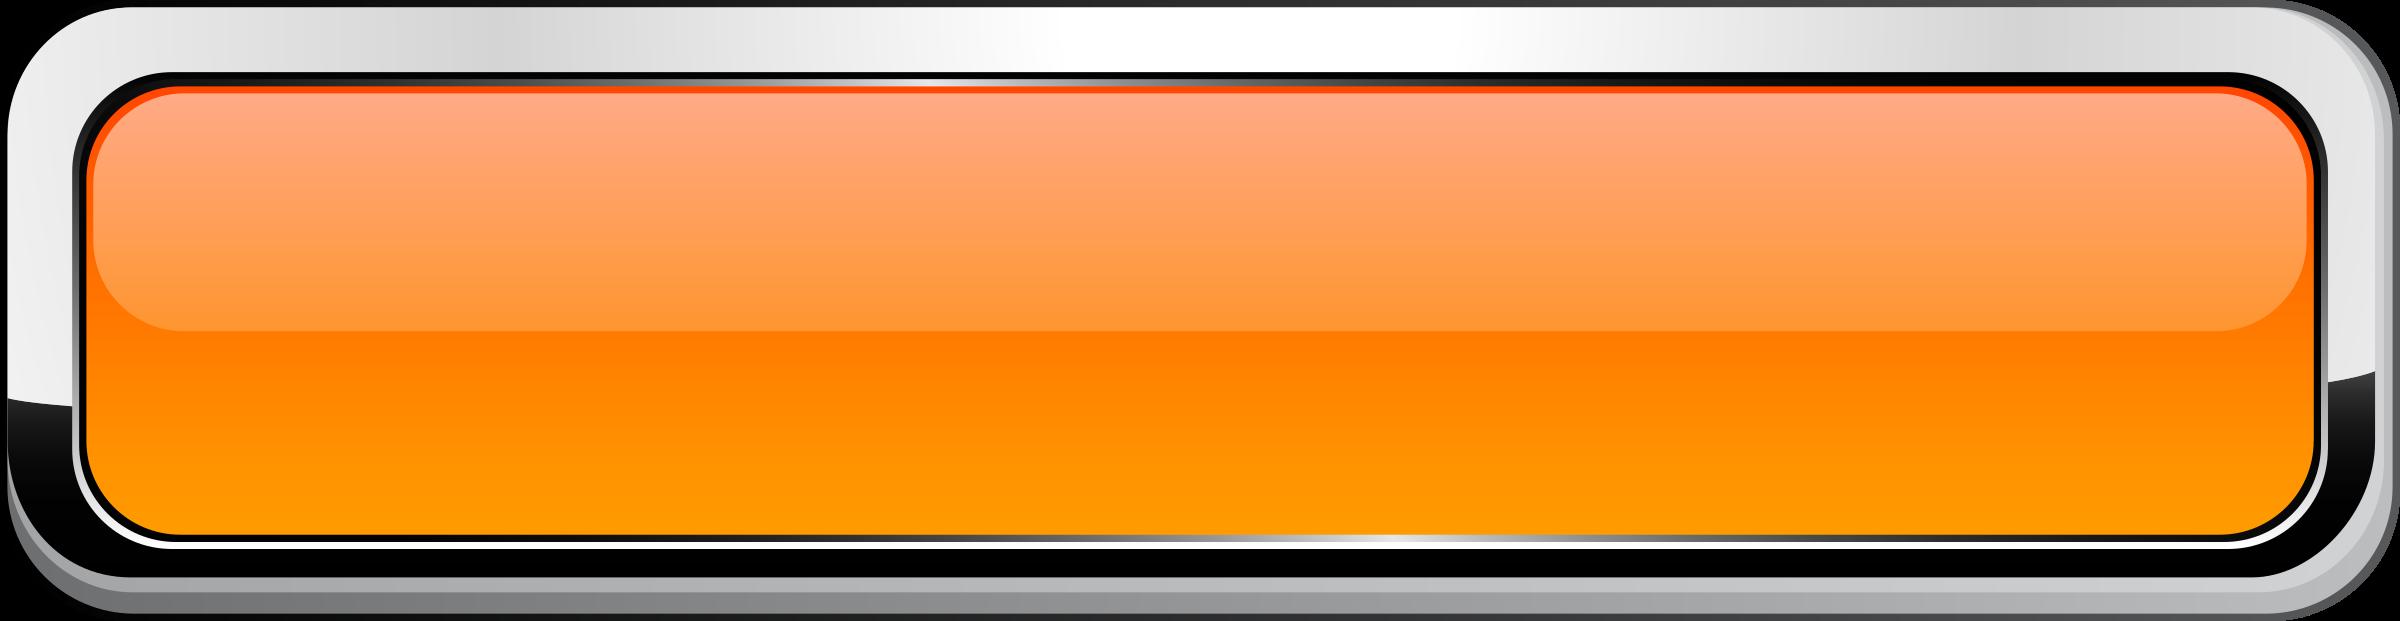 Как сделать прямоугольник с закругленными краями вшопе